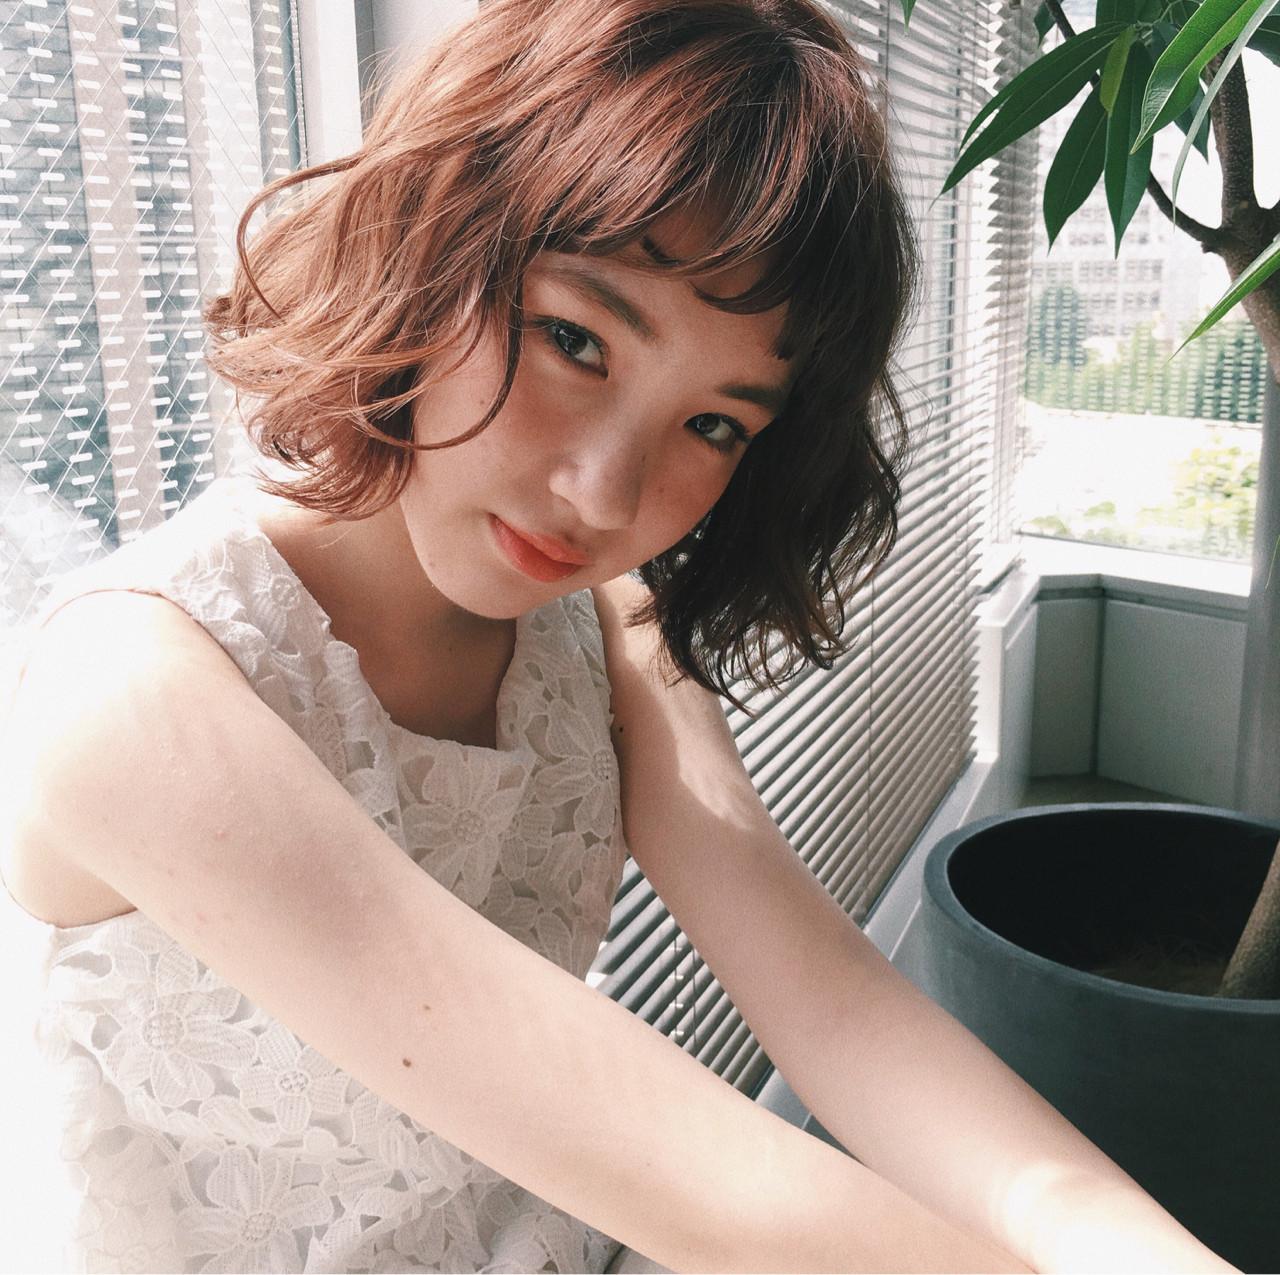 ウェーブをすればかわいさアップ♡ 谷口 翠彩